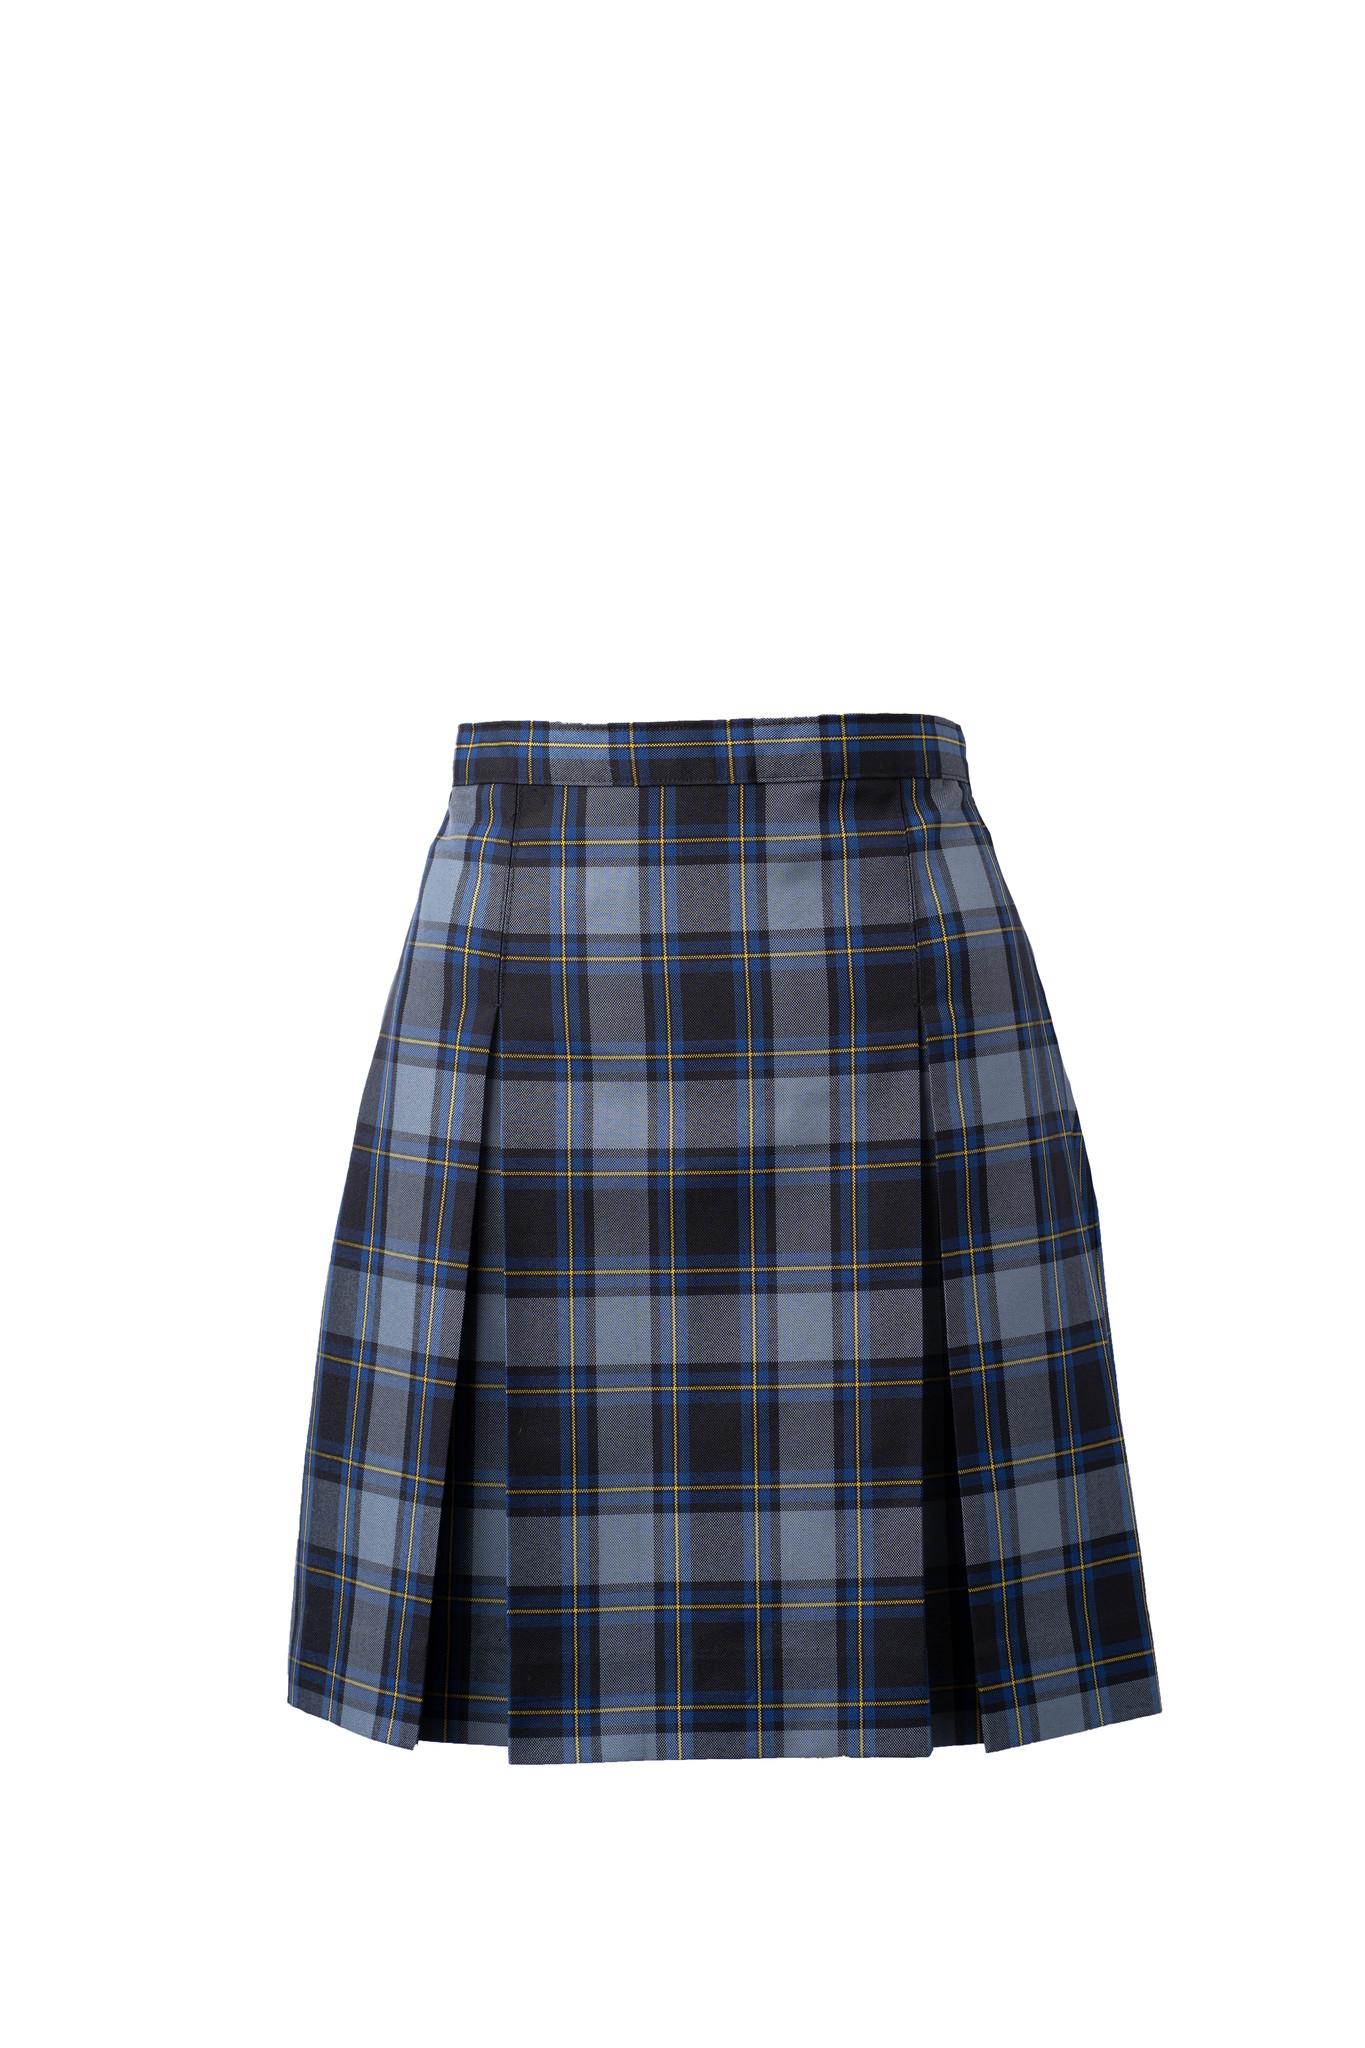 Holy Family & St. Rita Skirt